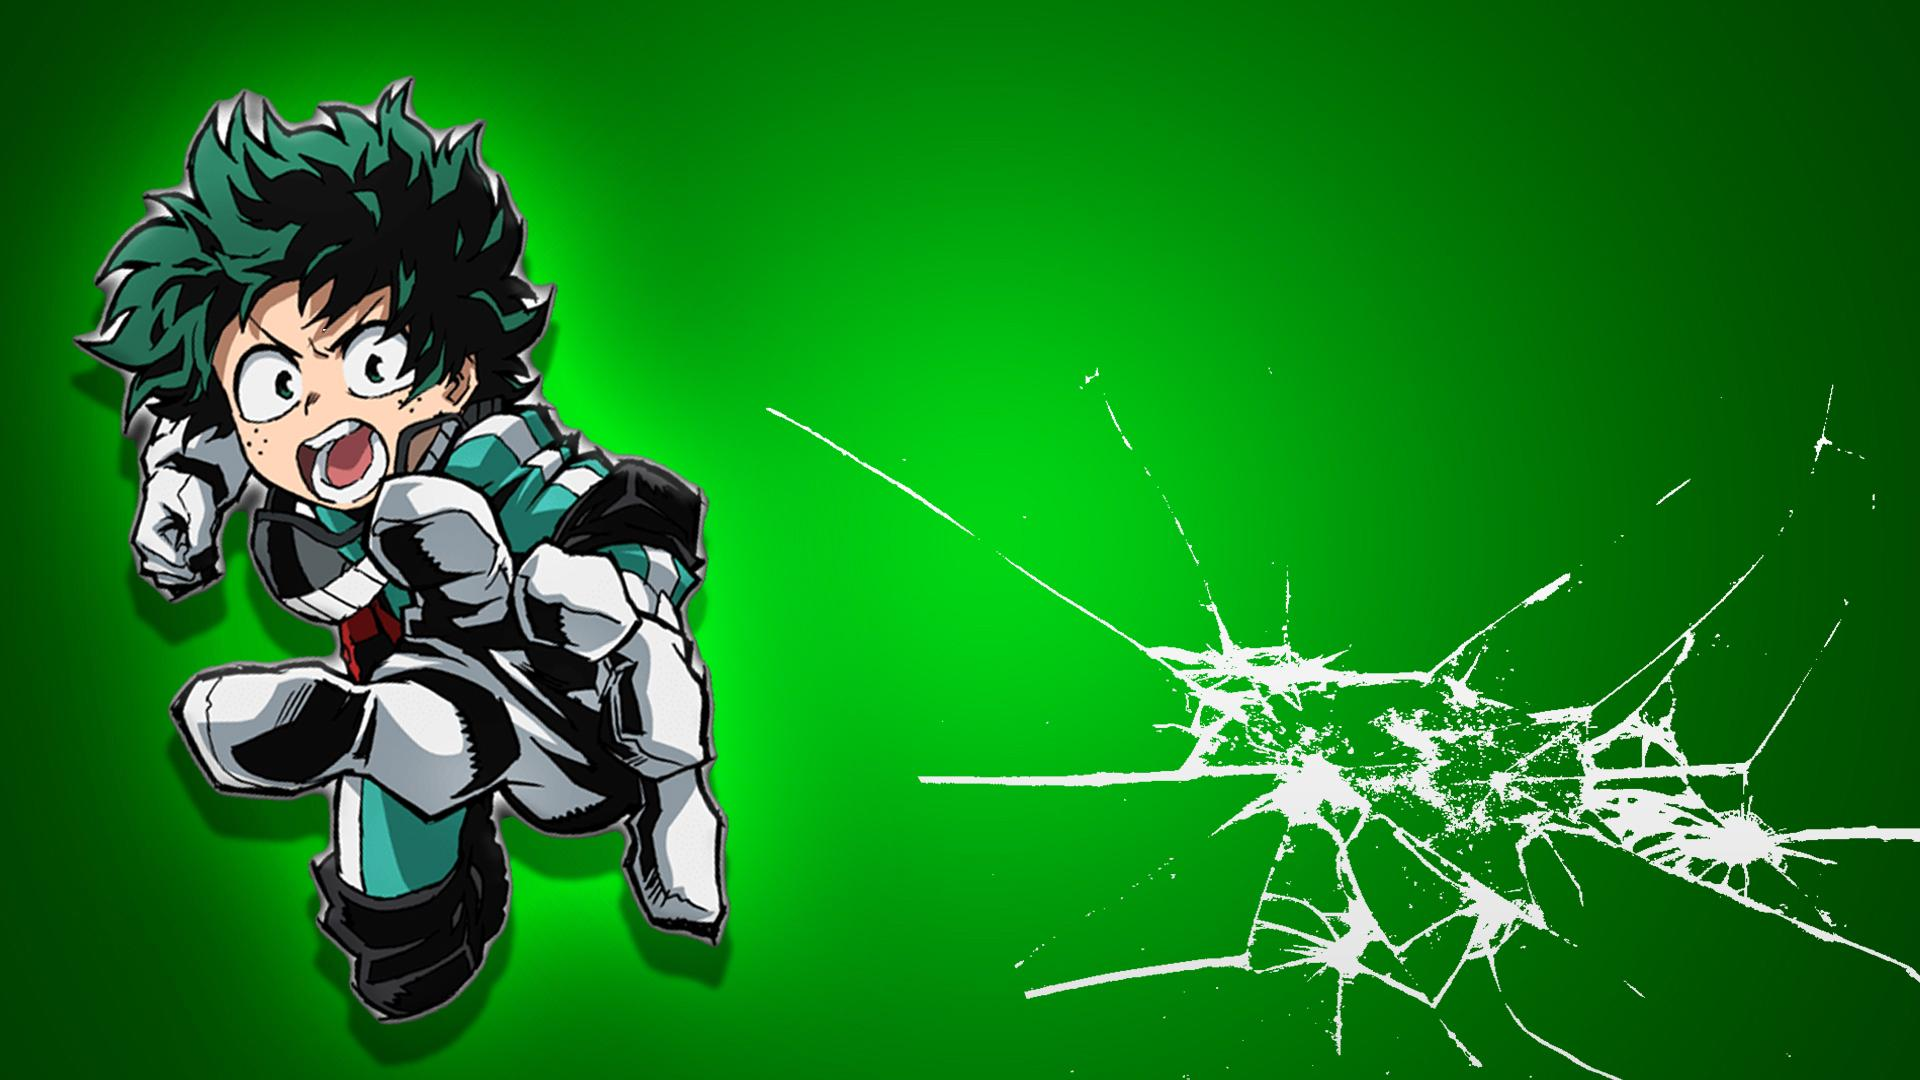 Download My Hero Academia Deku Wallpaper Hd Backgrounds Download